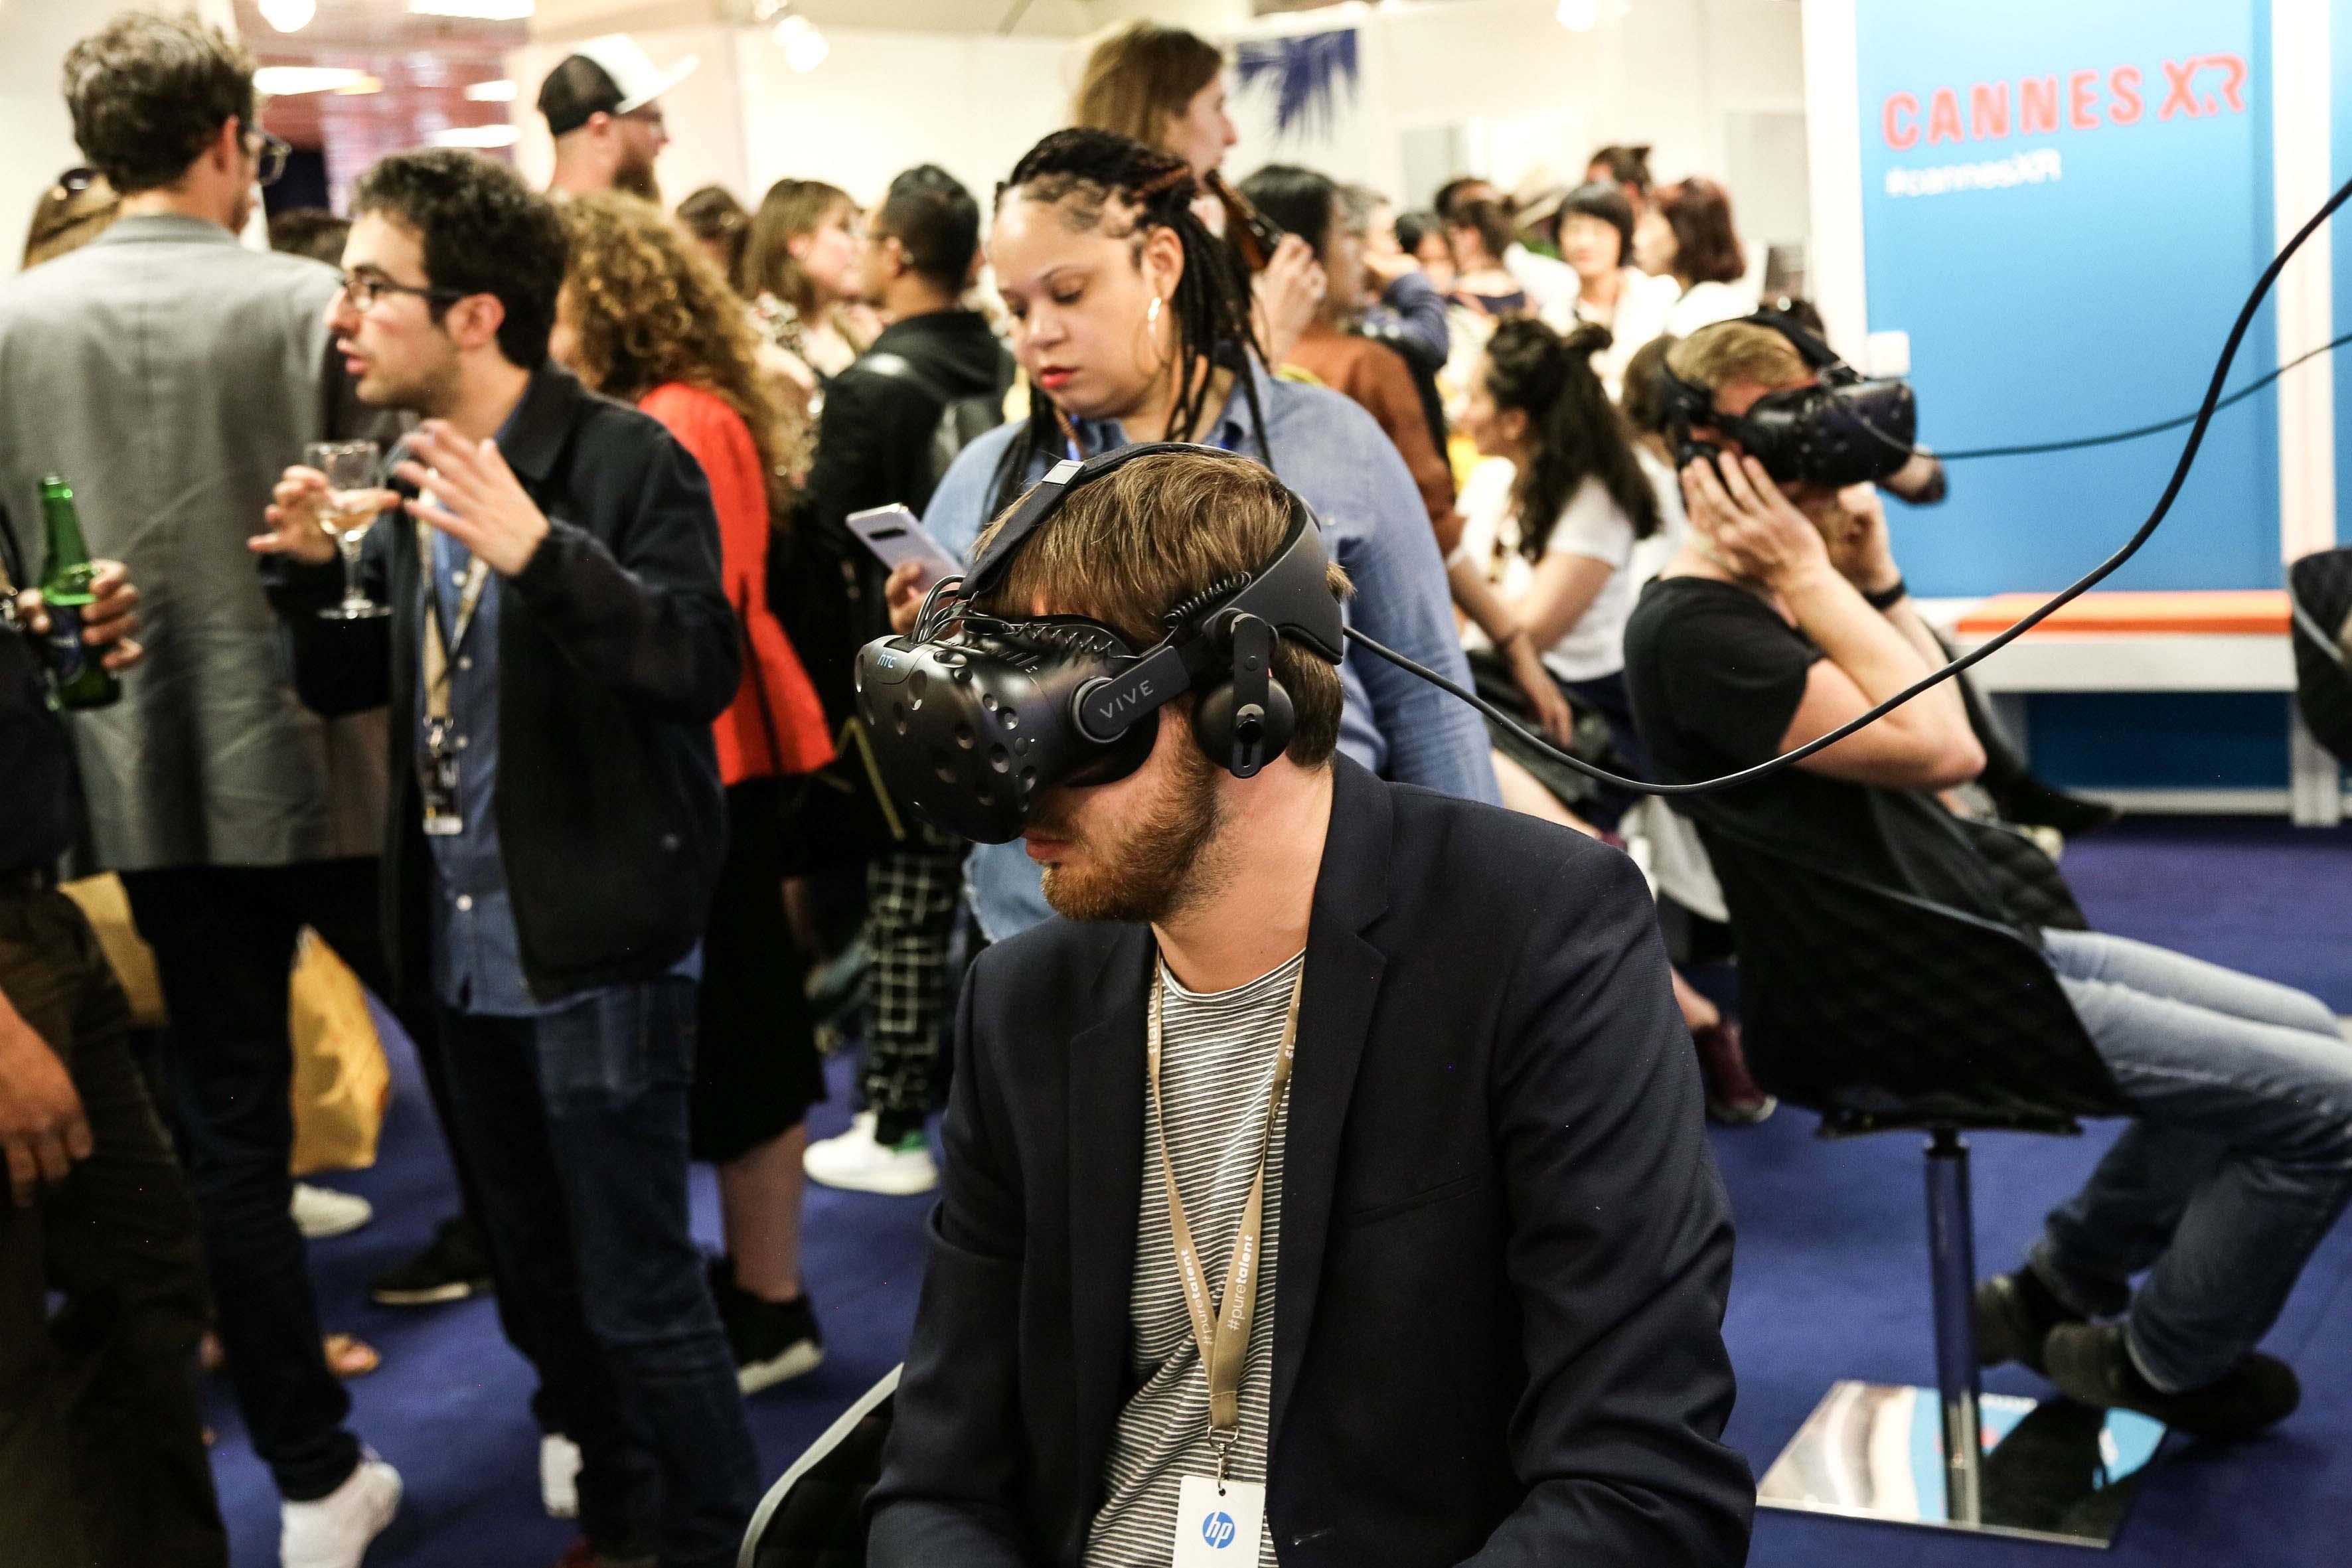 台灣VR影片國際矚目 坎城市場展吸引各國買家一探究竟 原住民音樂結合VR互動影片《Oli邊境》 驚艷各國影展選片人 Ezouuu10